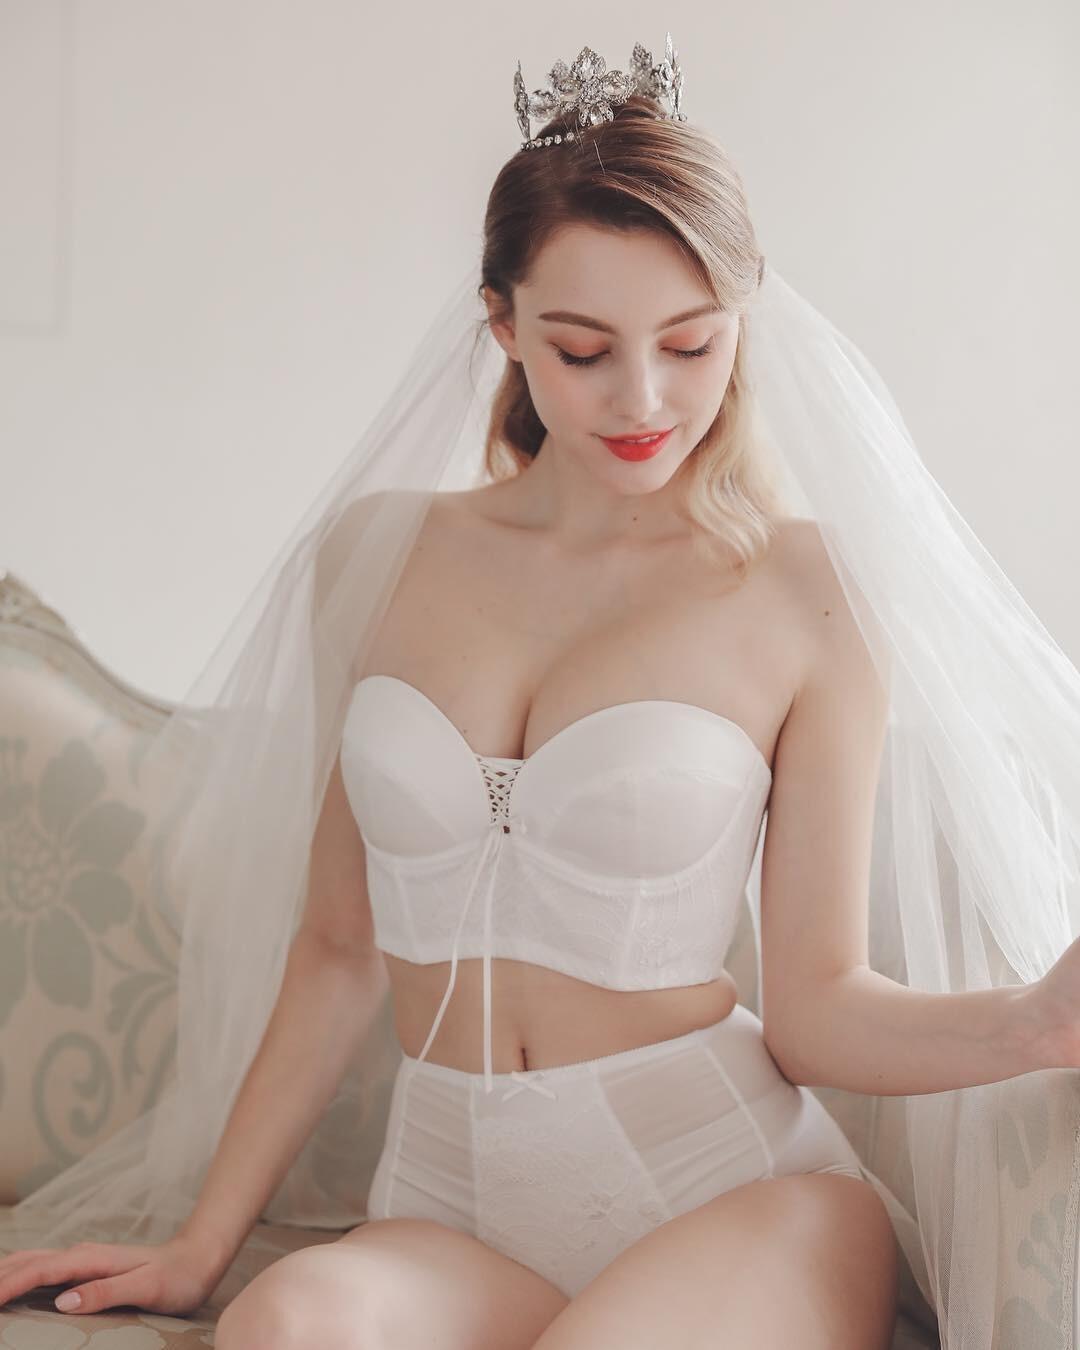 [正妹]完美比例天使脸孔[白俄罗斯女模]内衣广告网友直呼好仙 养眼图片 第27张